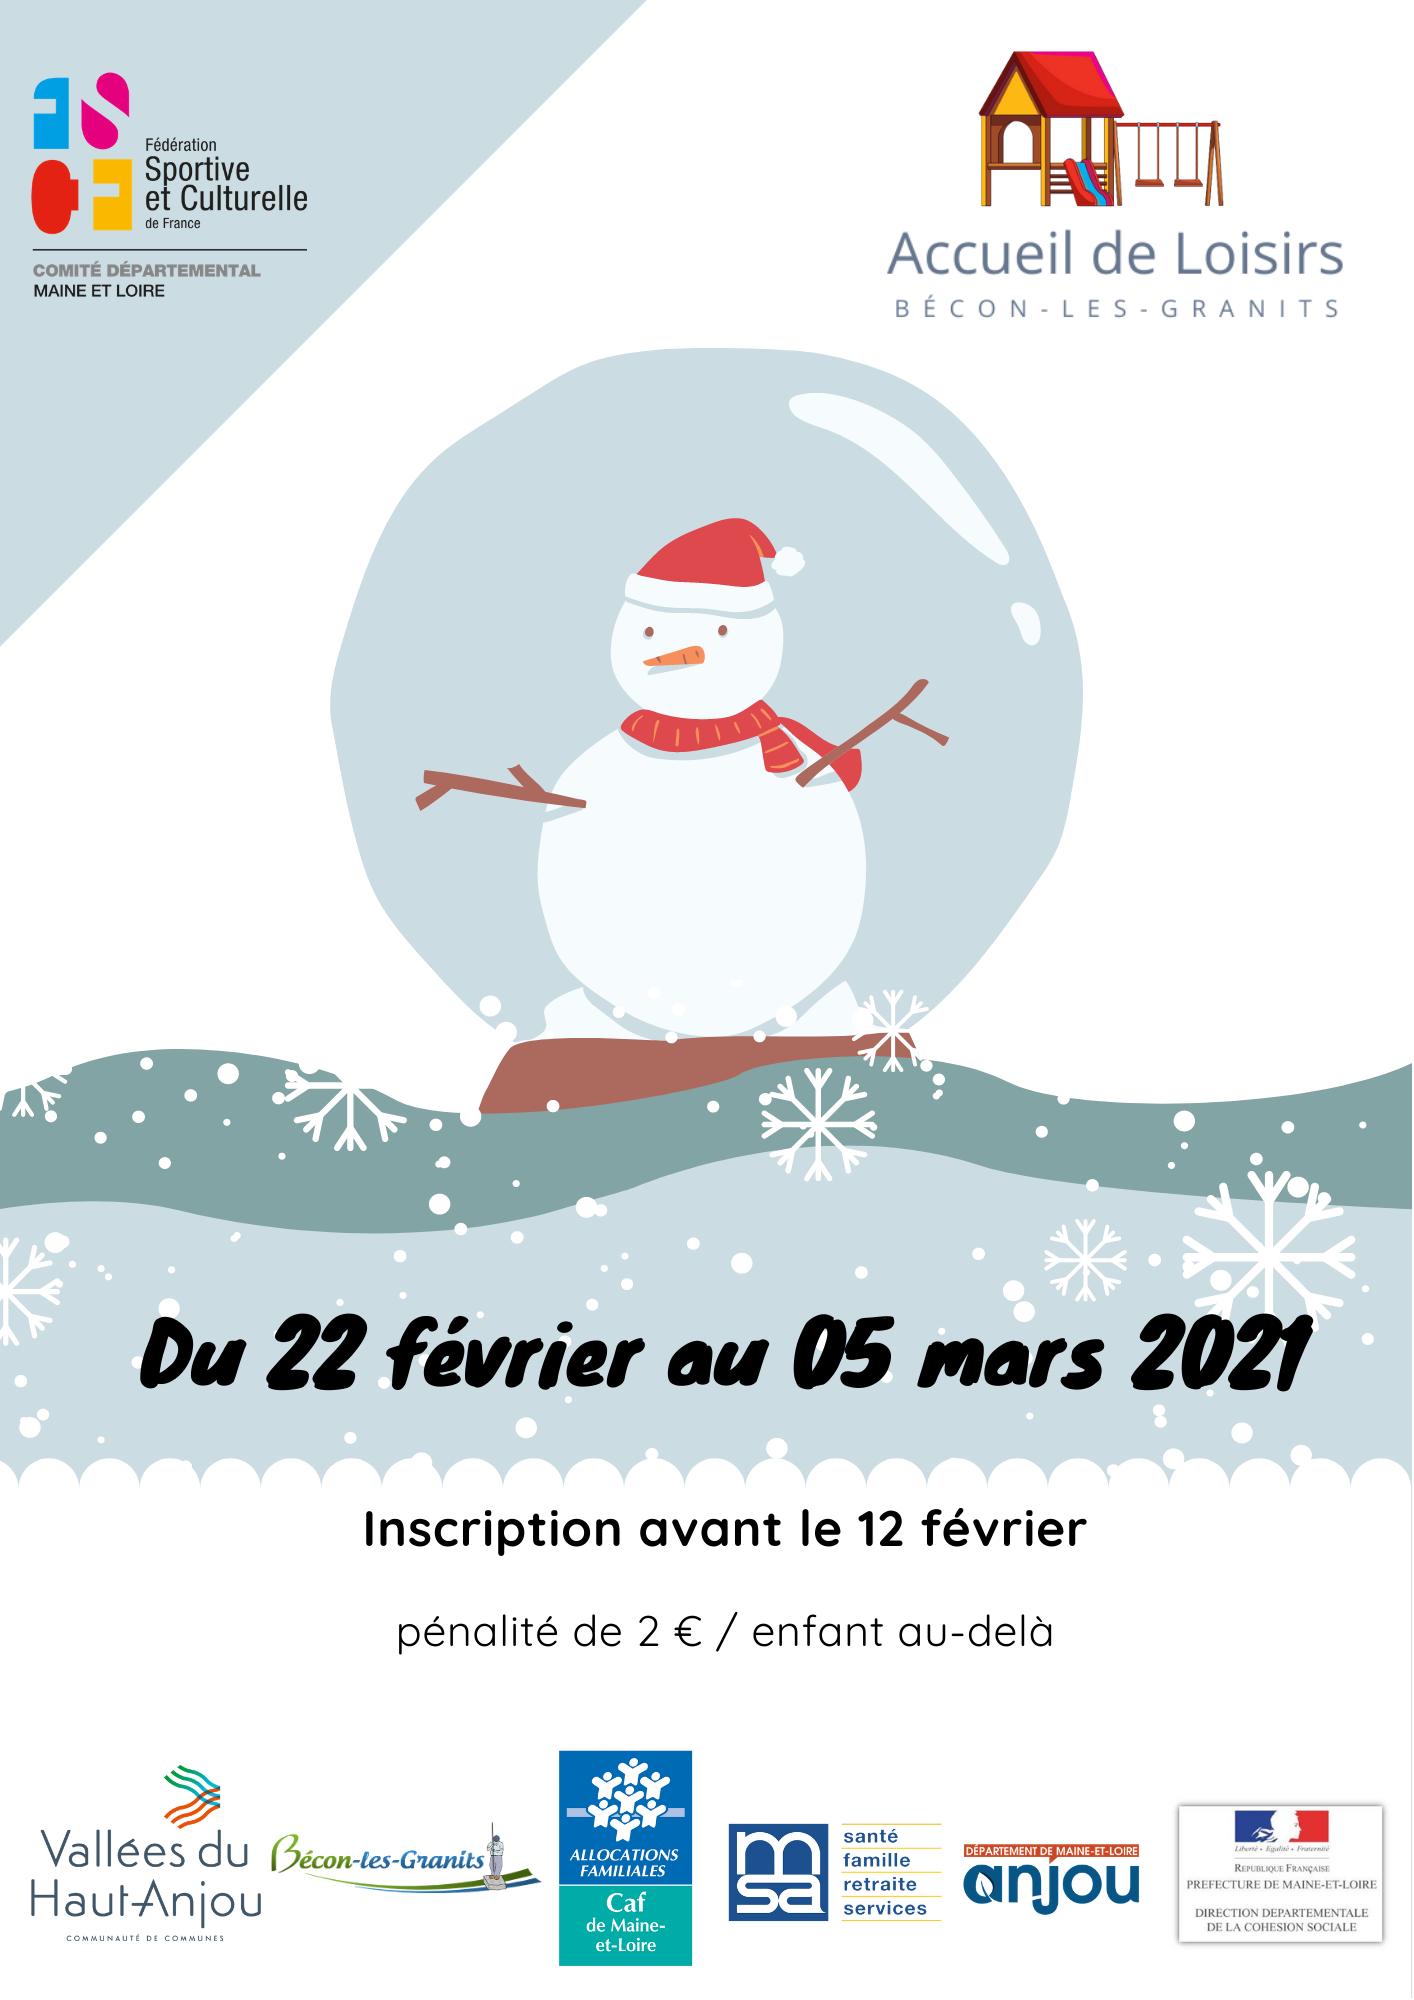 Affiche accueil de loisirs - bécon 2021.png